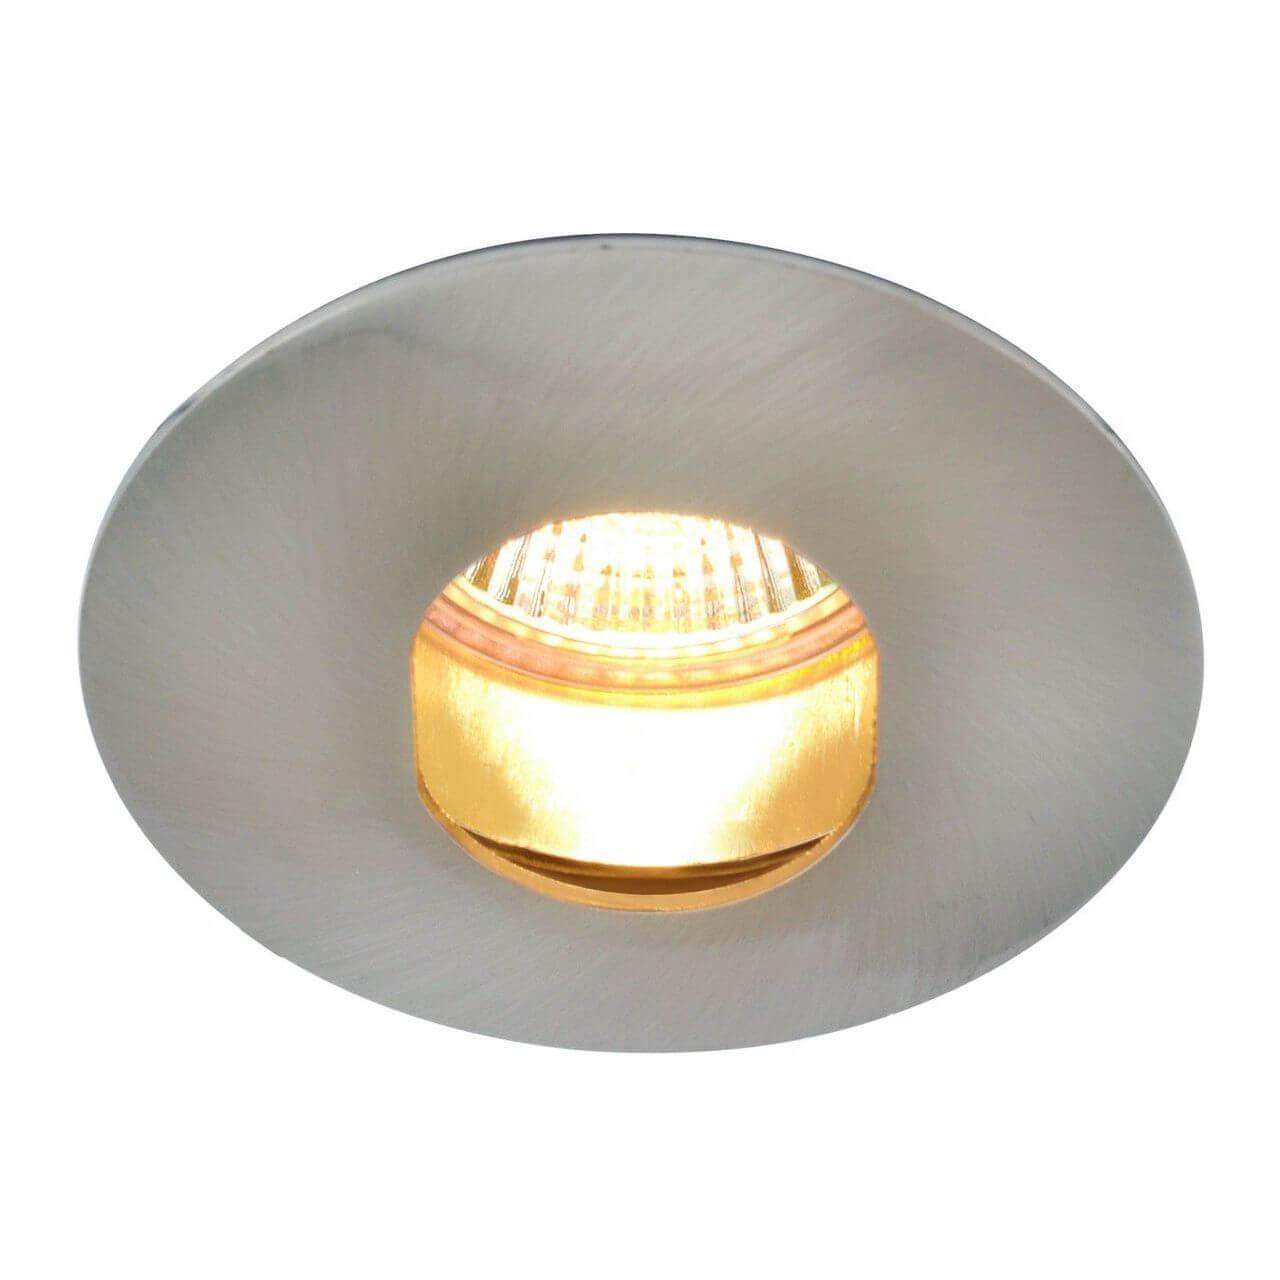 Встраиваемый светильник Arte Lamp Accento A3219PL-1SS встраиваемый светильник arte lamp accento a4009pl 1ss